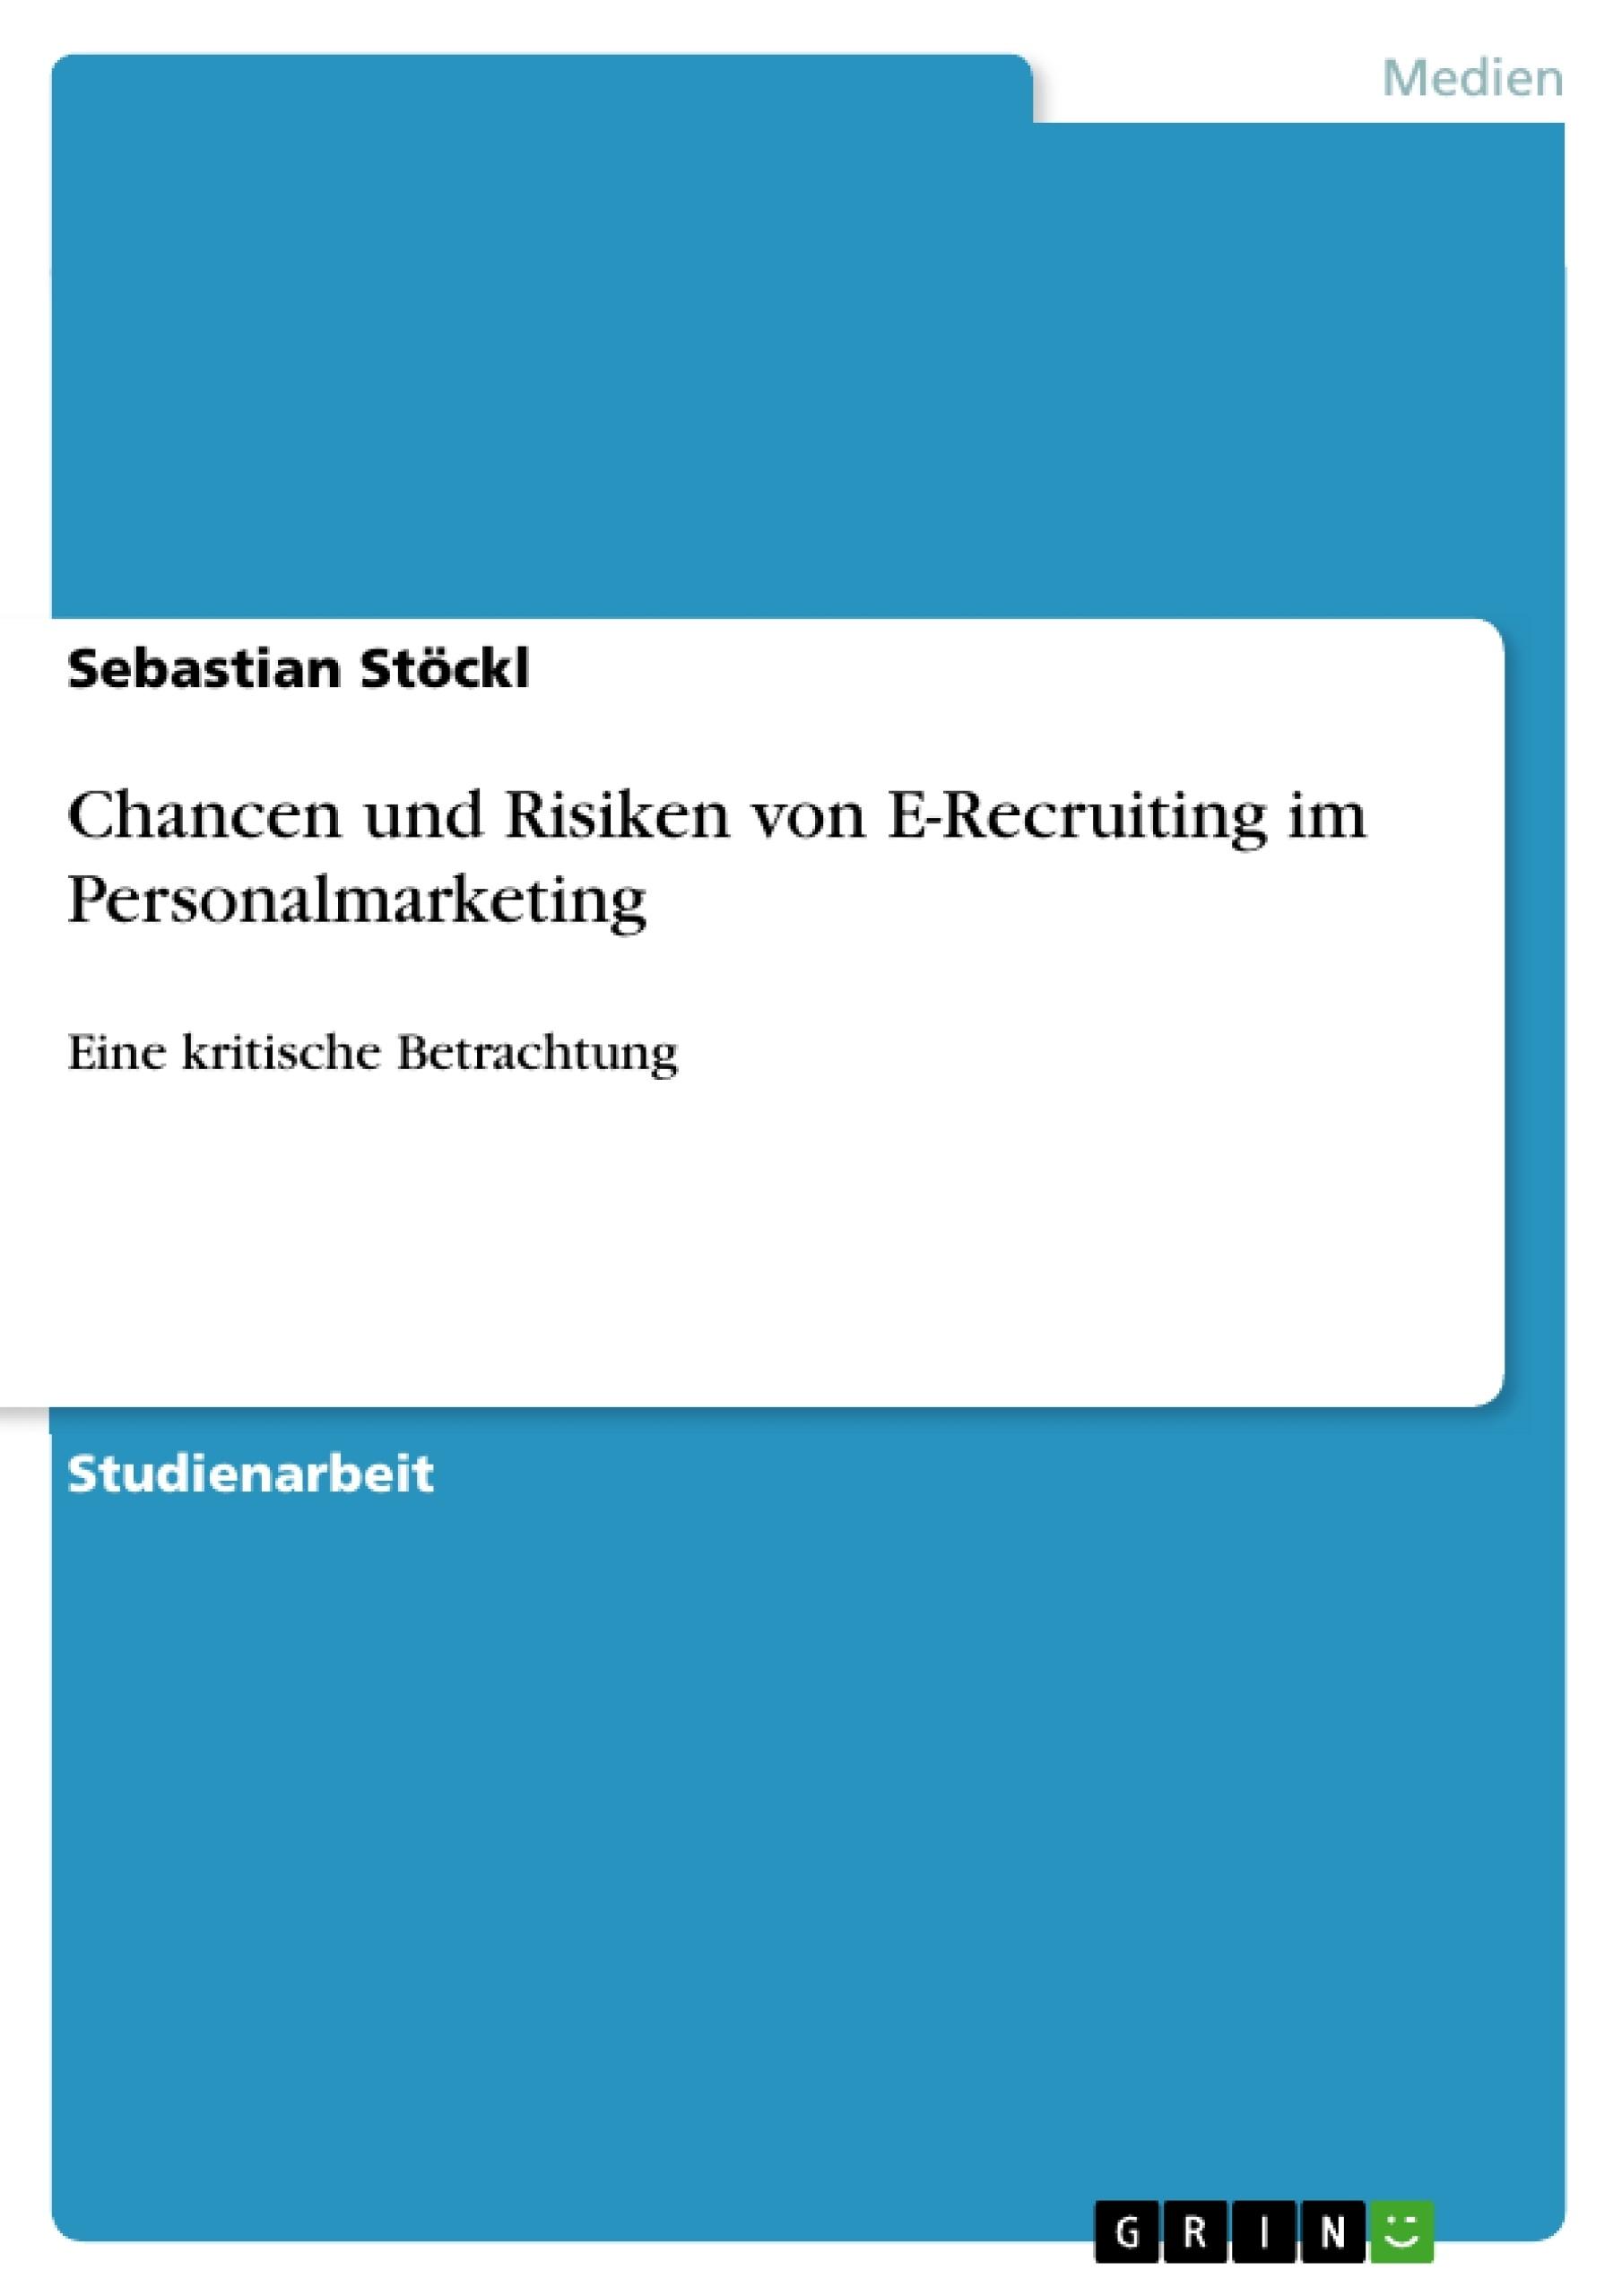 Titel: Chancen und Risiken von E-Recruiting im Personalmarketing